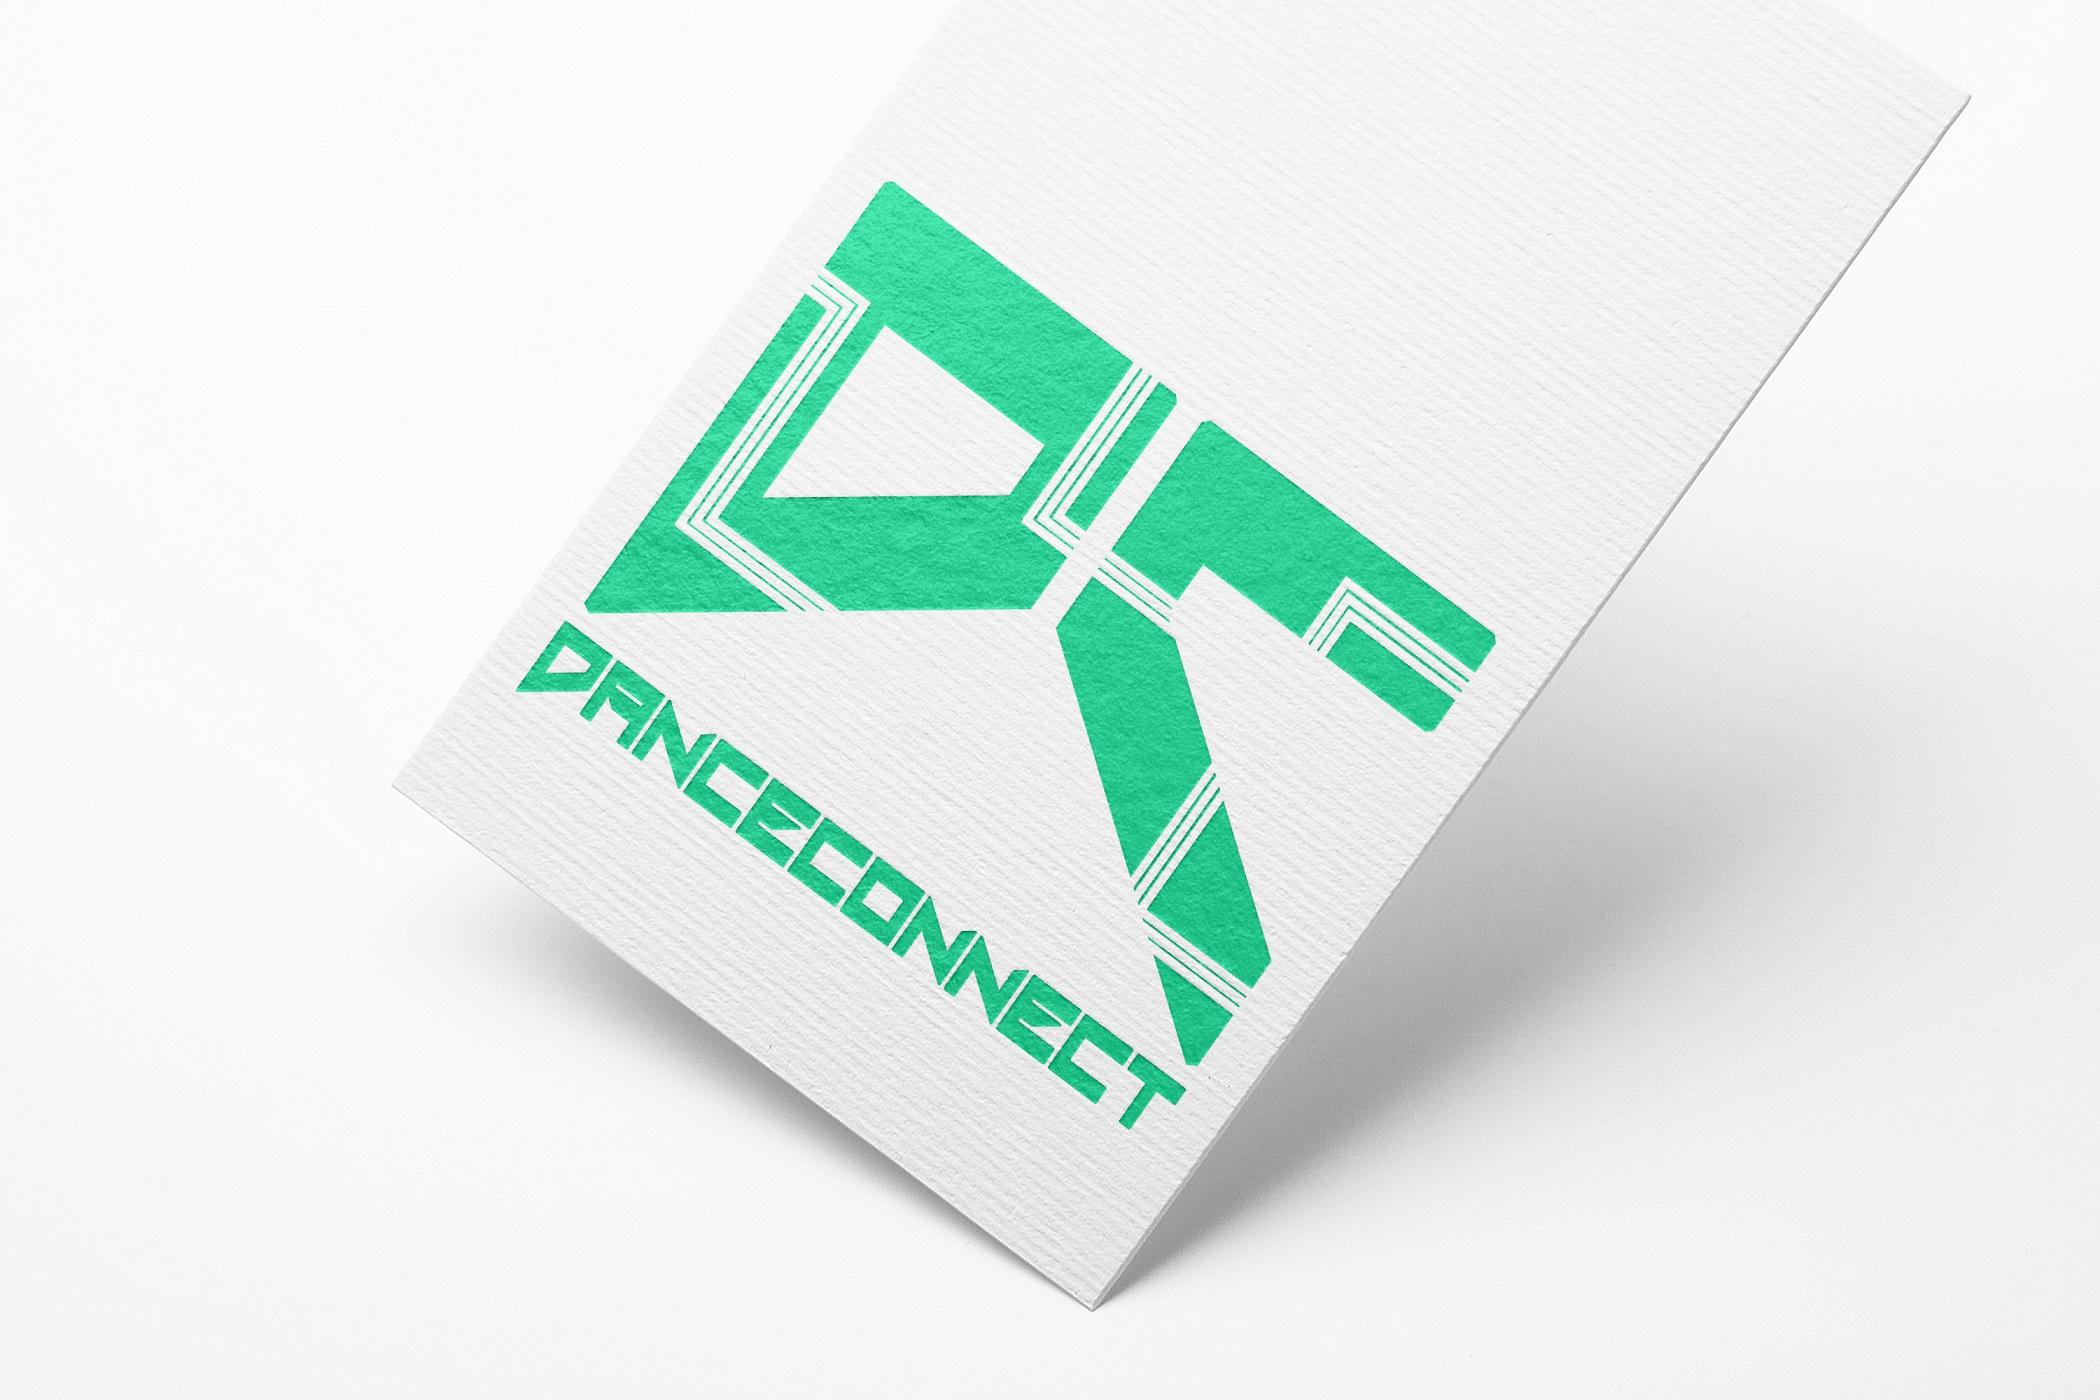 Разработка лого для спортивного портала www.danceconnect.ru фото f_4705b3f5d39c63c3.jpg